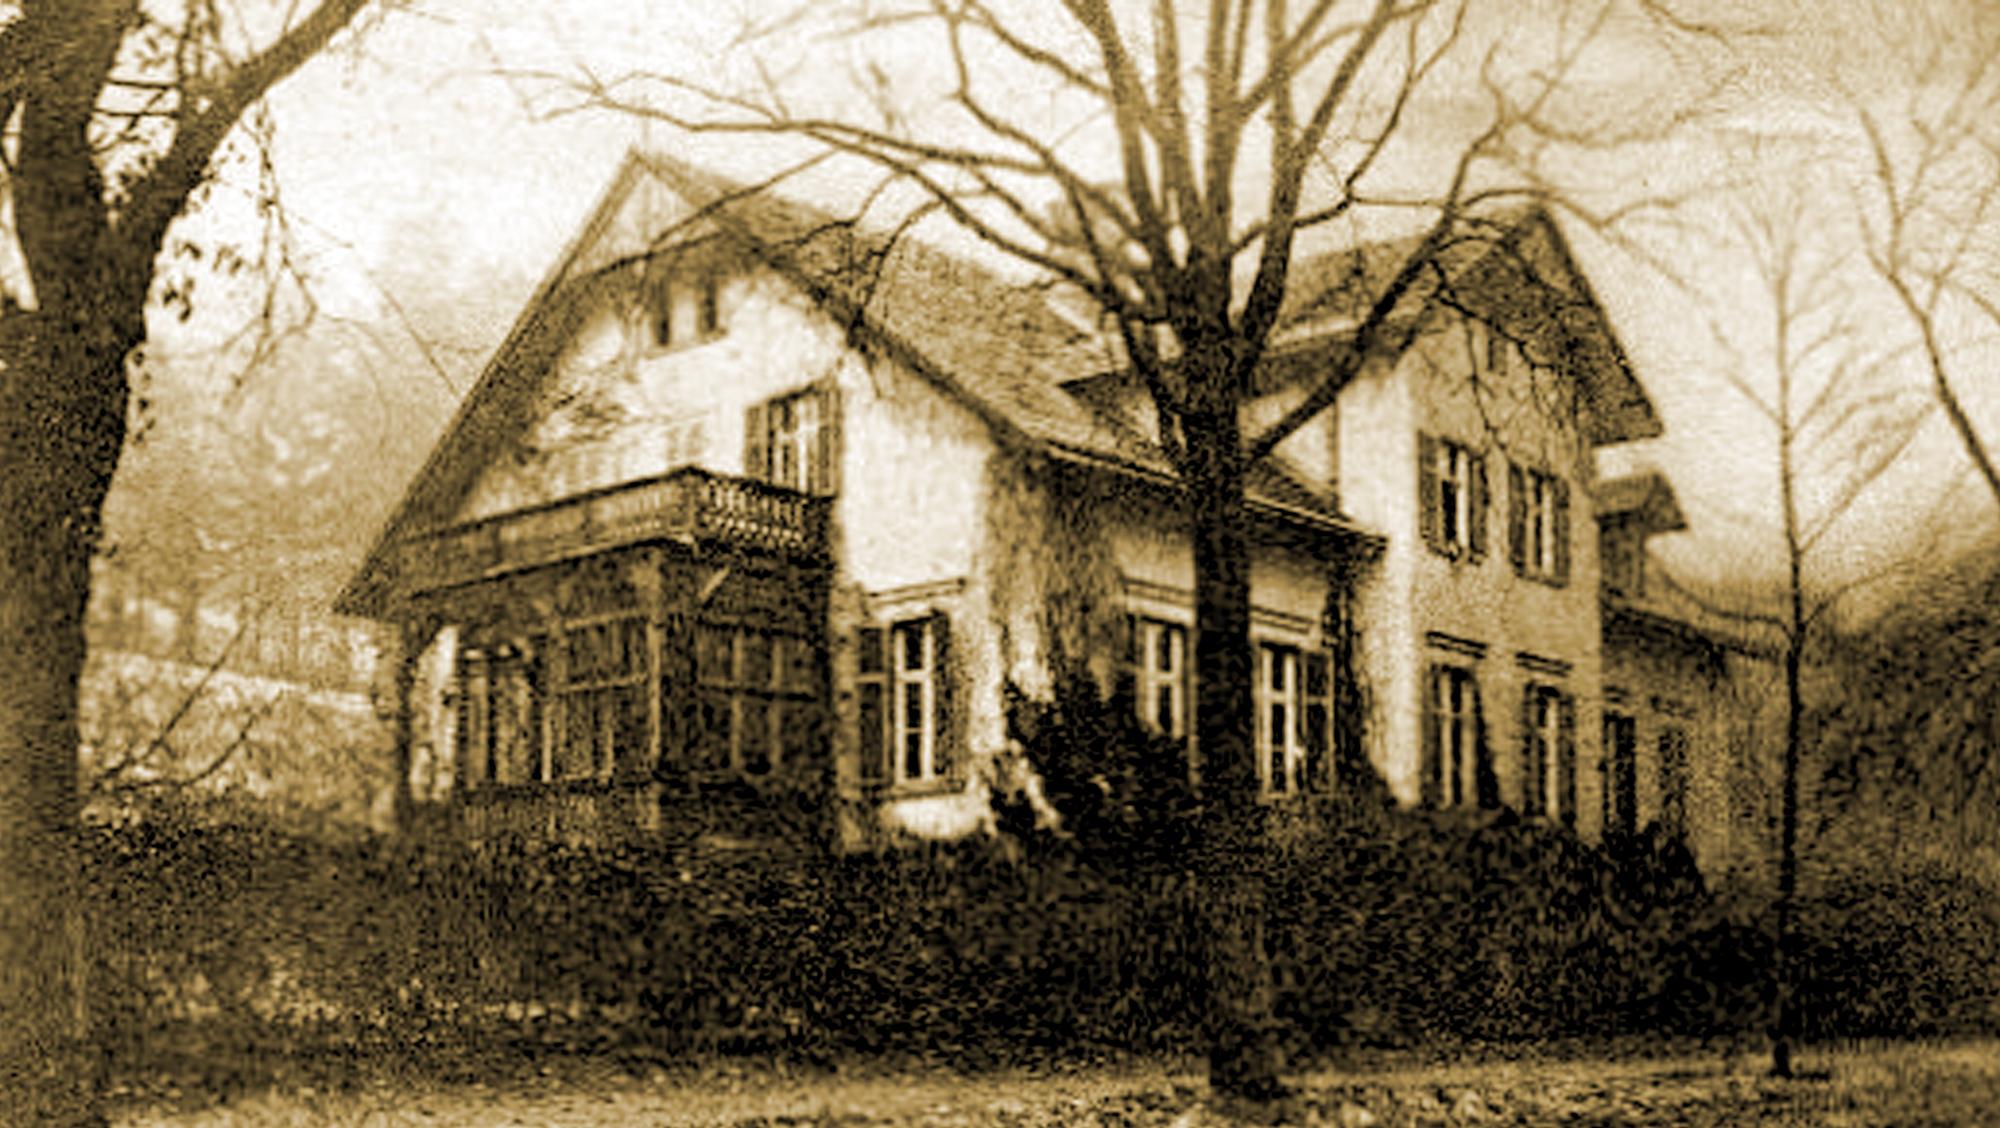 Gräfliche Villa - Historische Ansicht